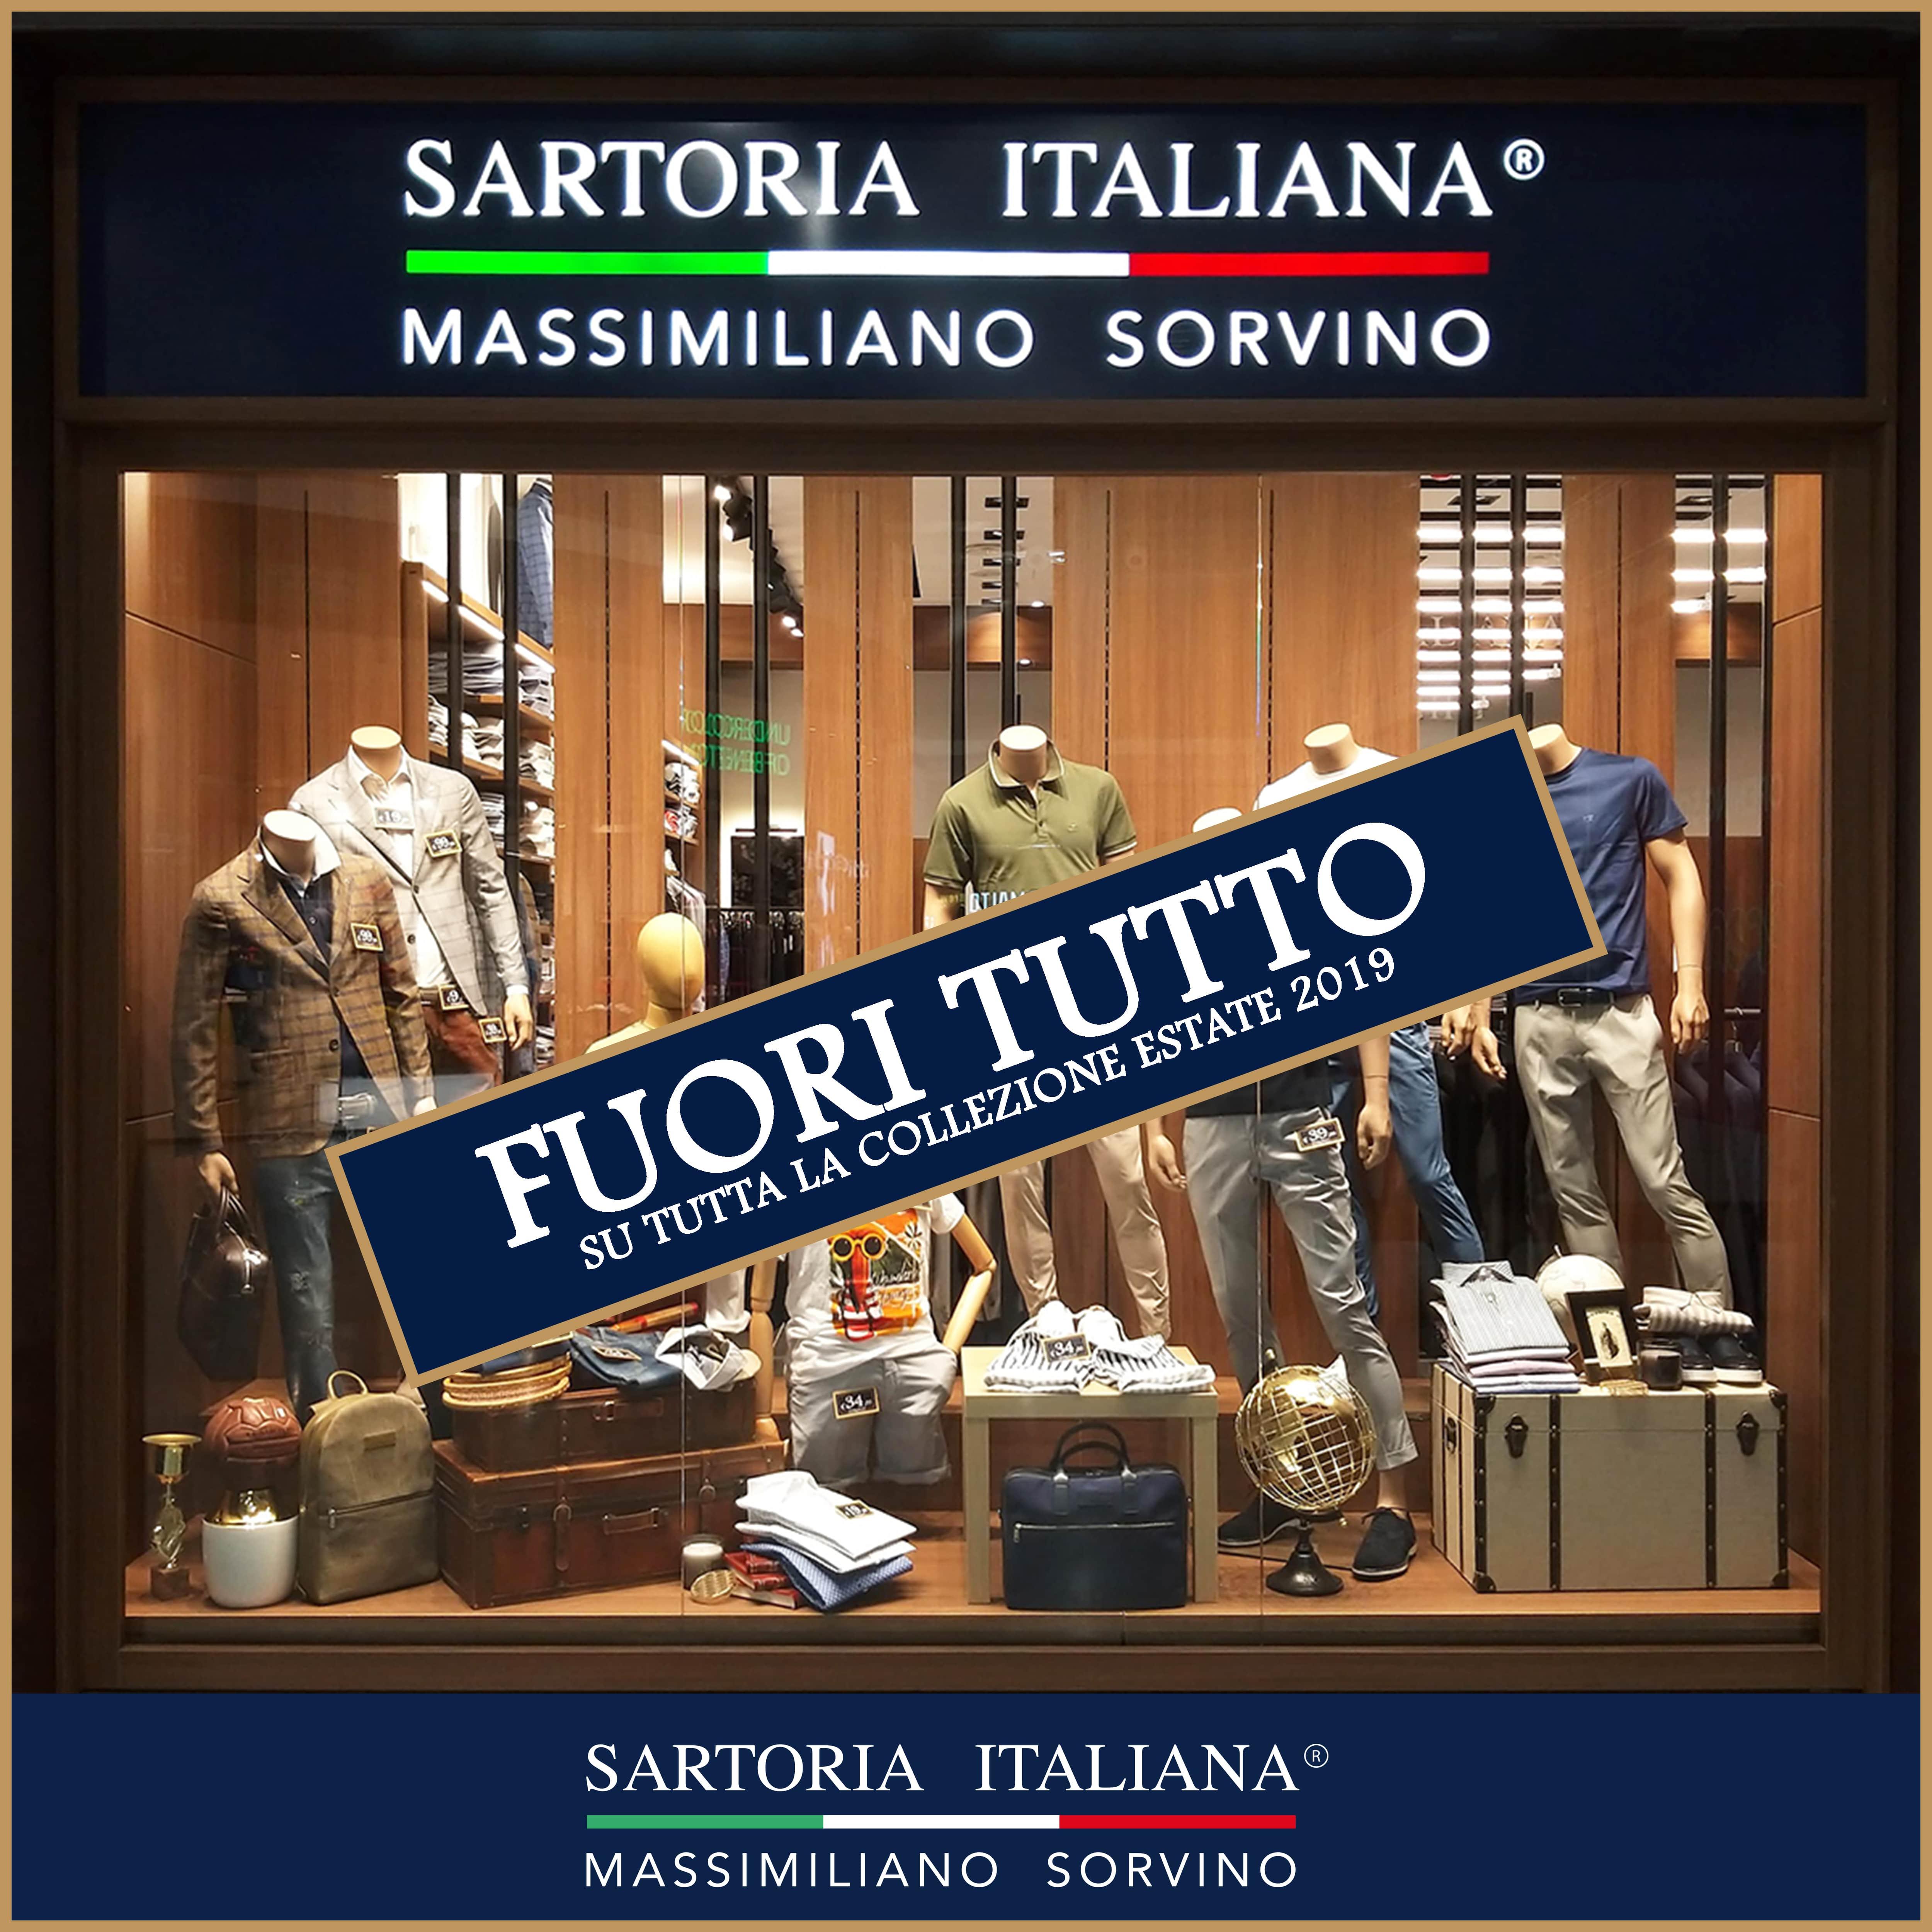 Sartoria Italiana: Fuori Tutto